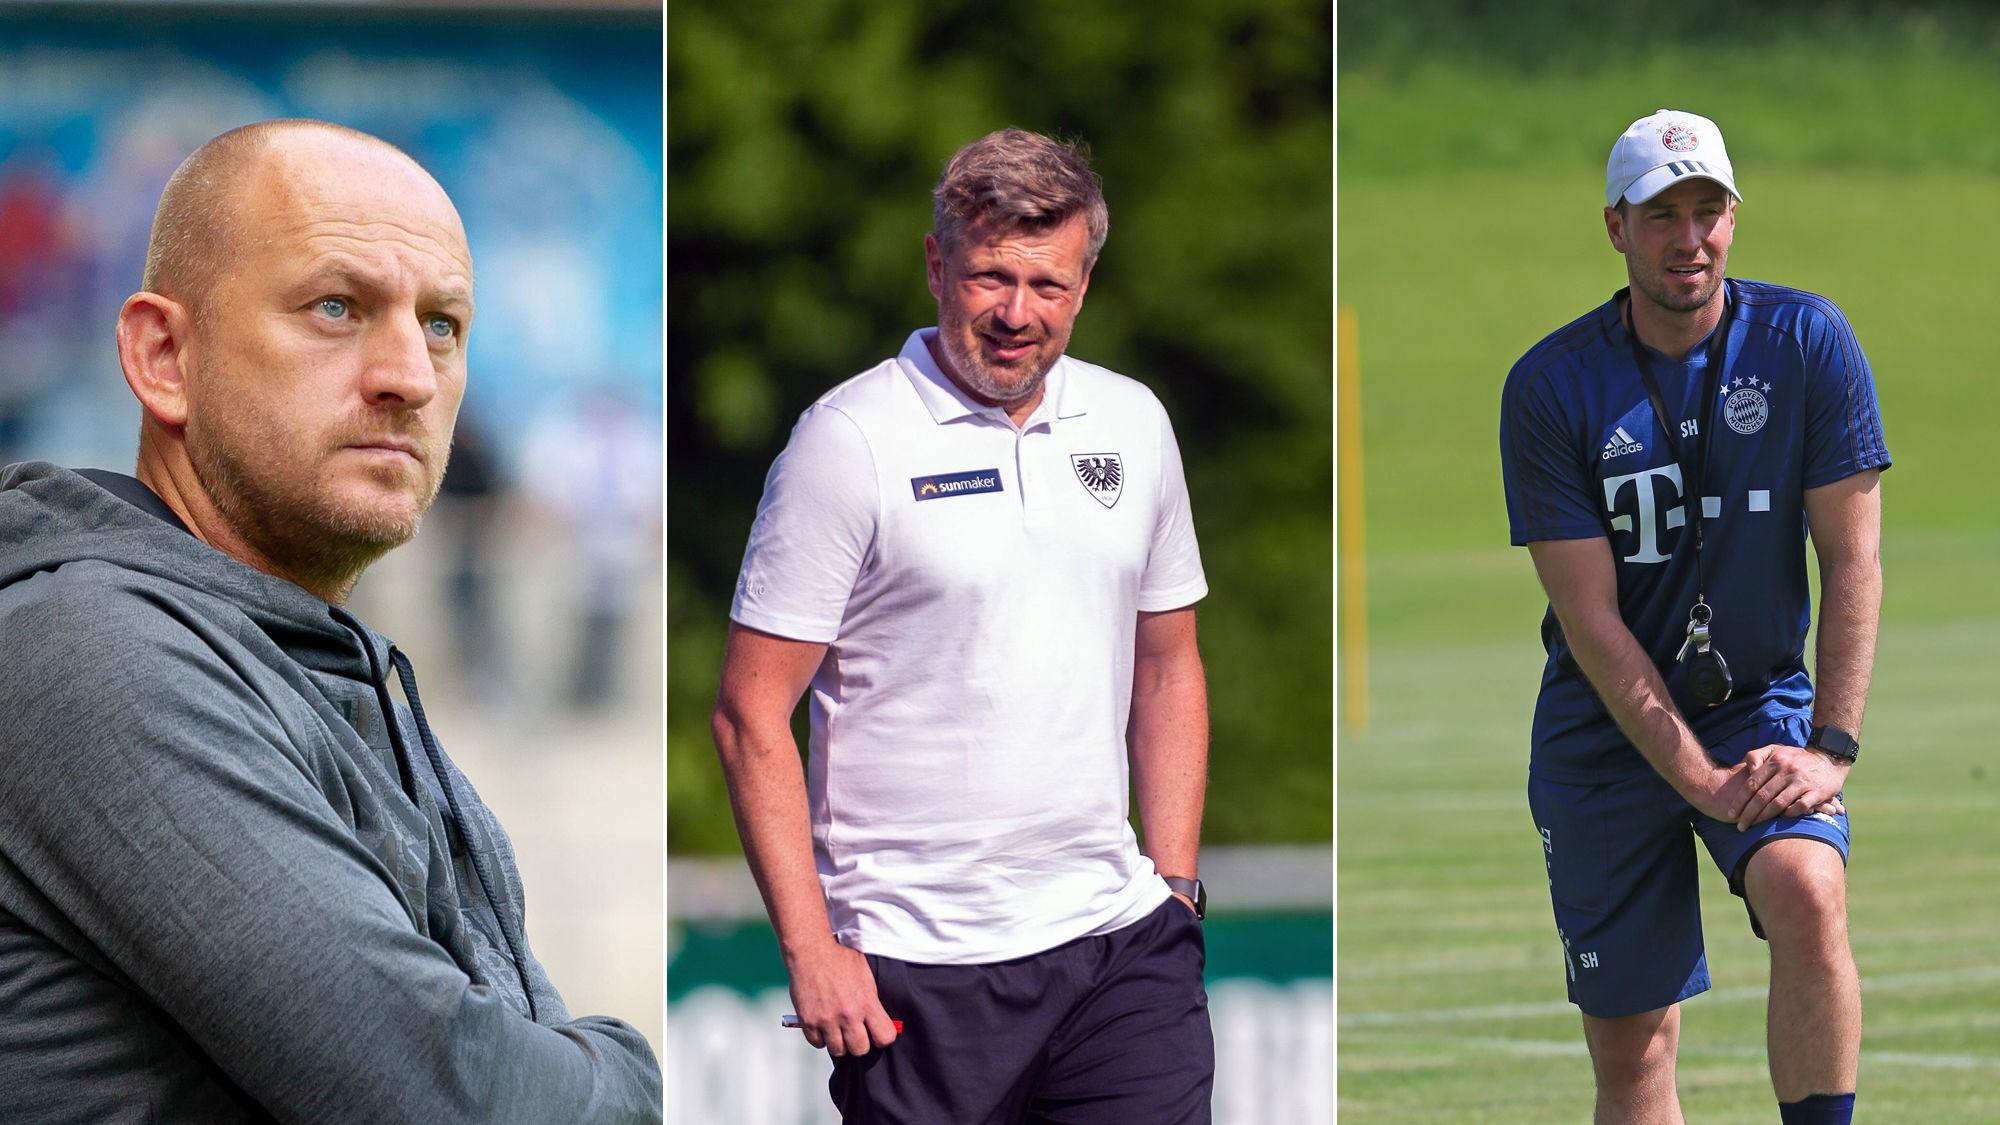 Wer zählt zu den Aufstiegsfavoriten? Das tippen die Trainer - 3. Liga | Bildergalerie - kicker